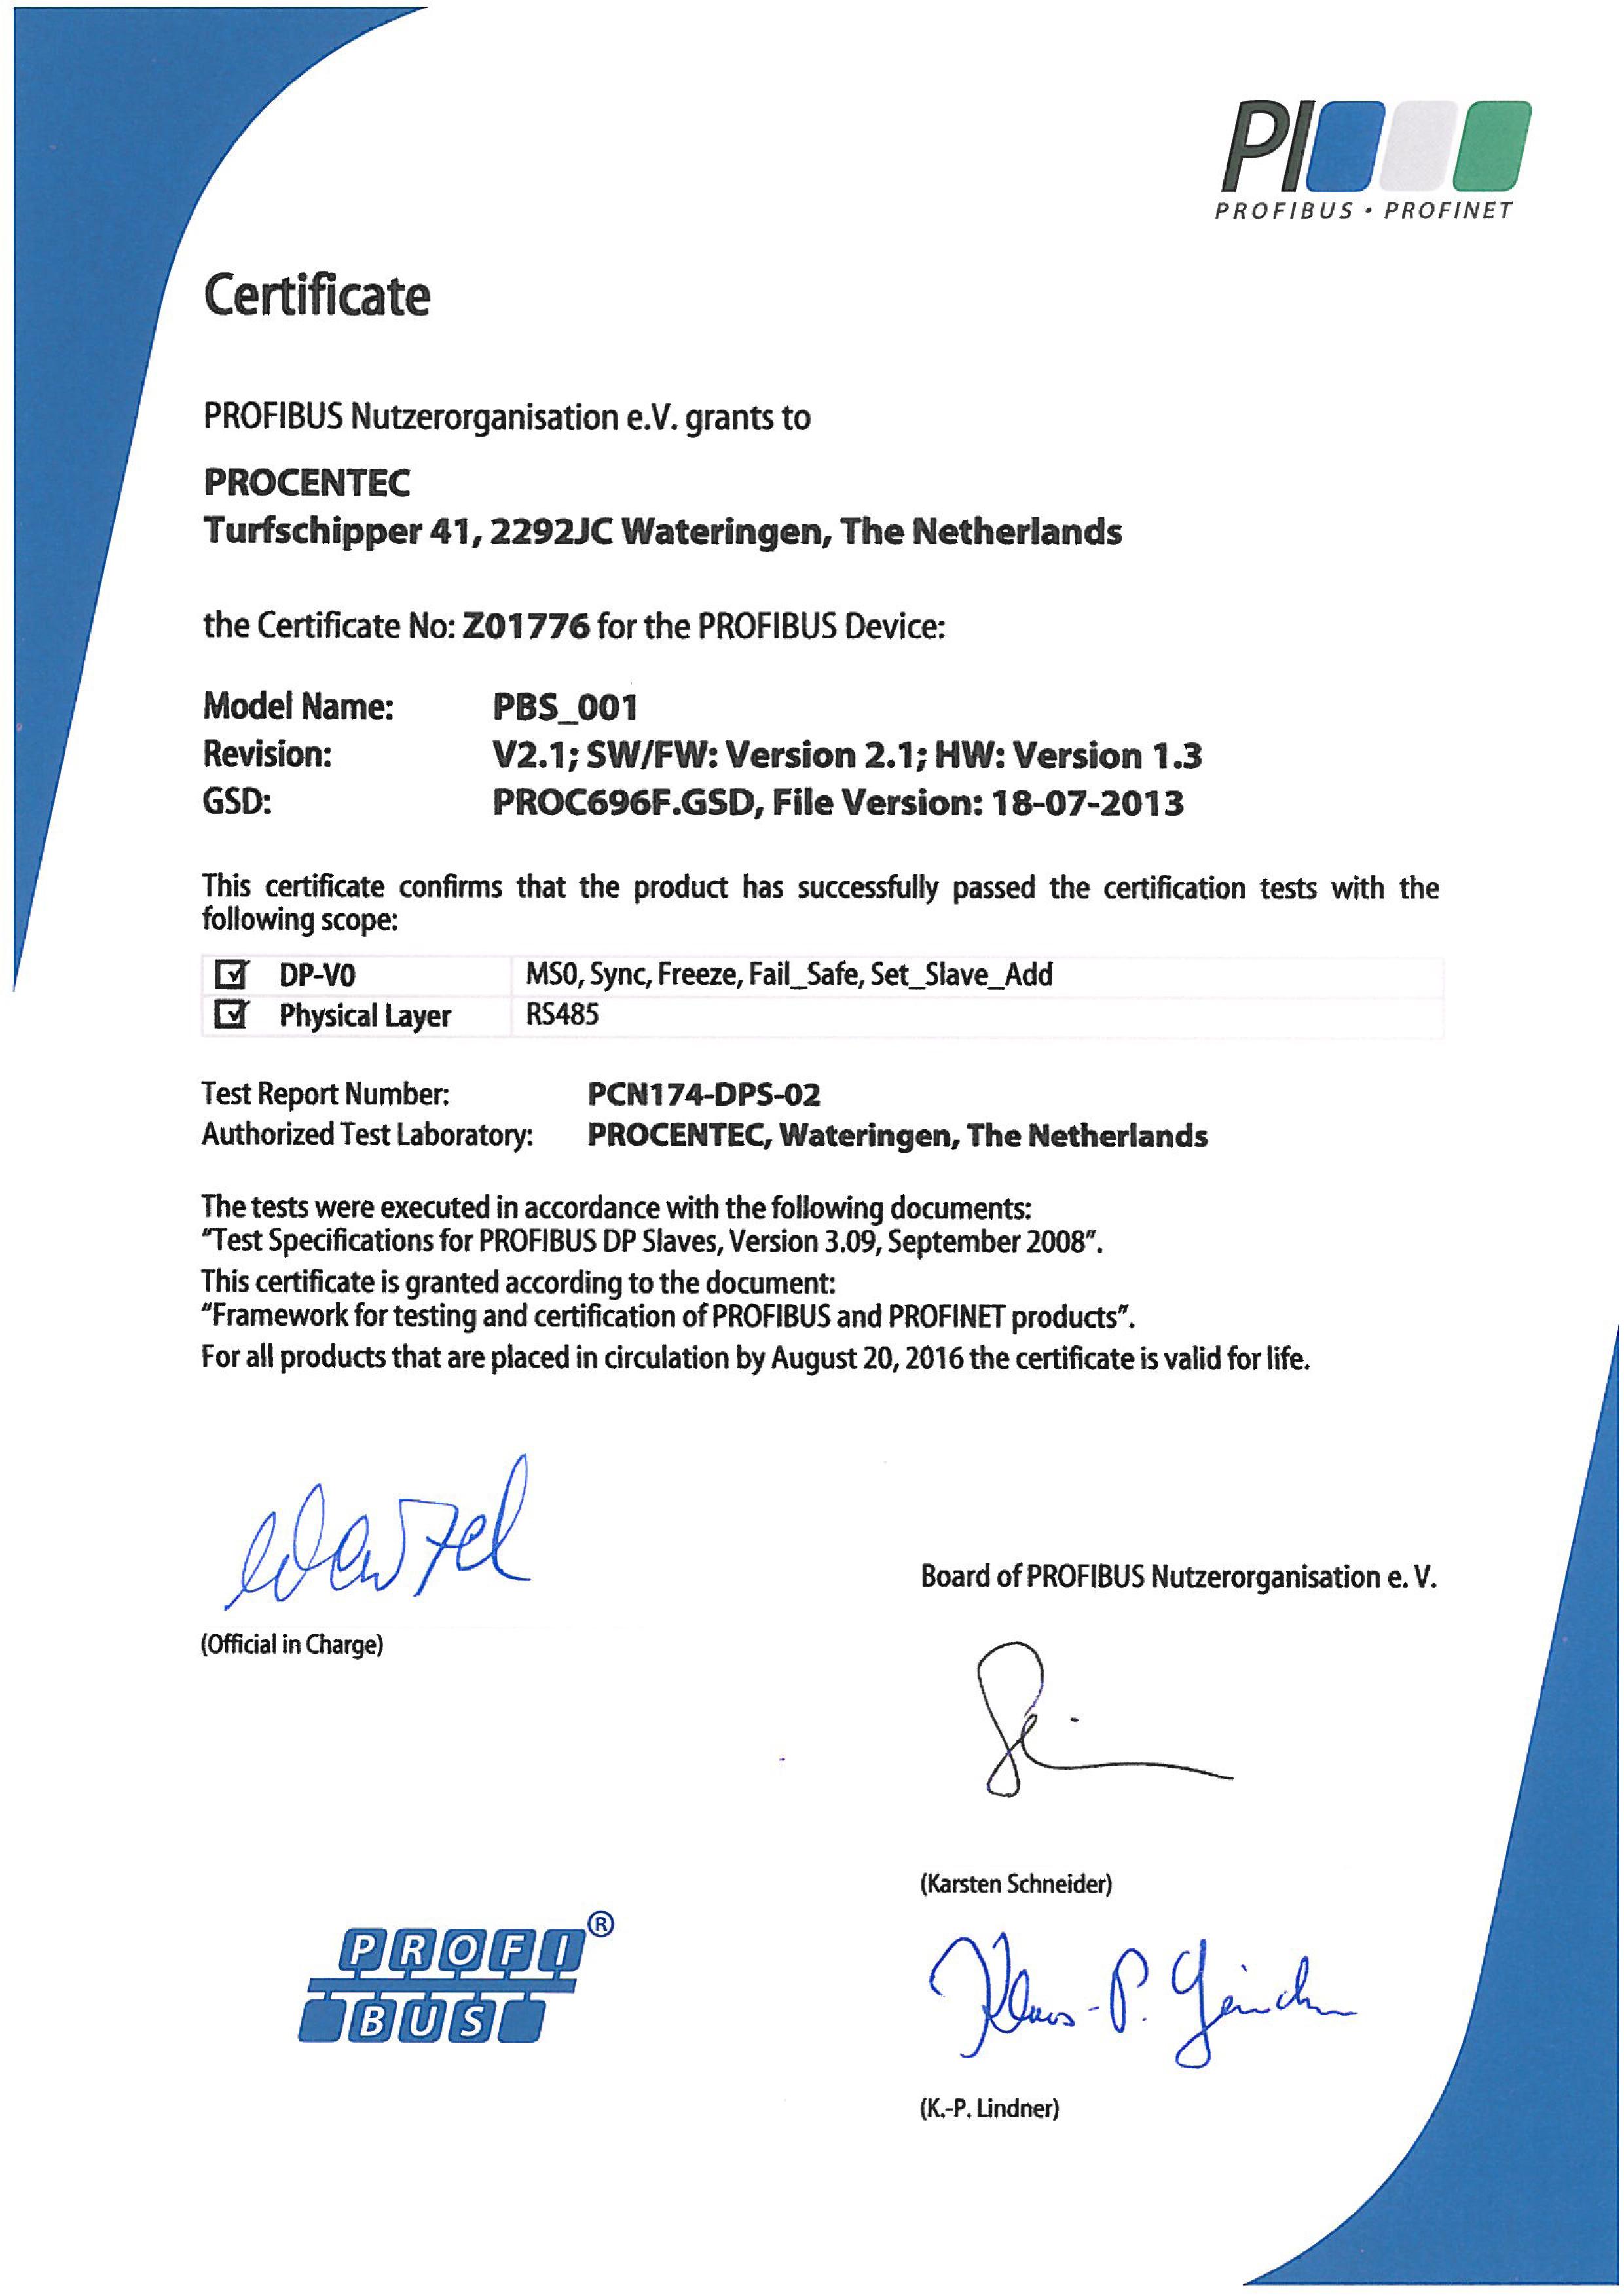 Profibus blog archive downloads combricks profibus certificate xflitez Choice Image